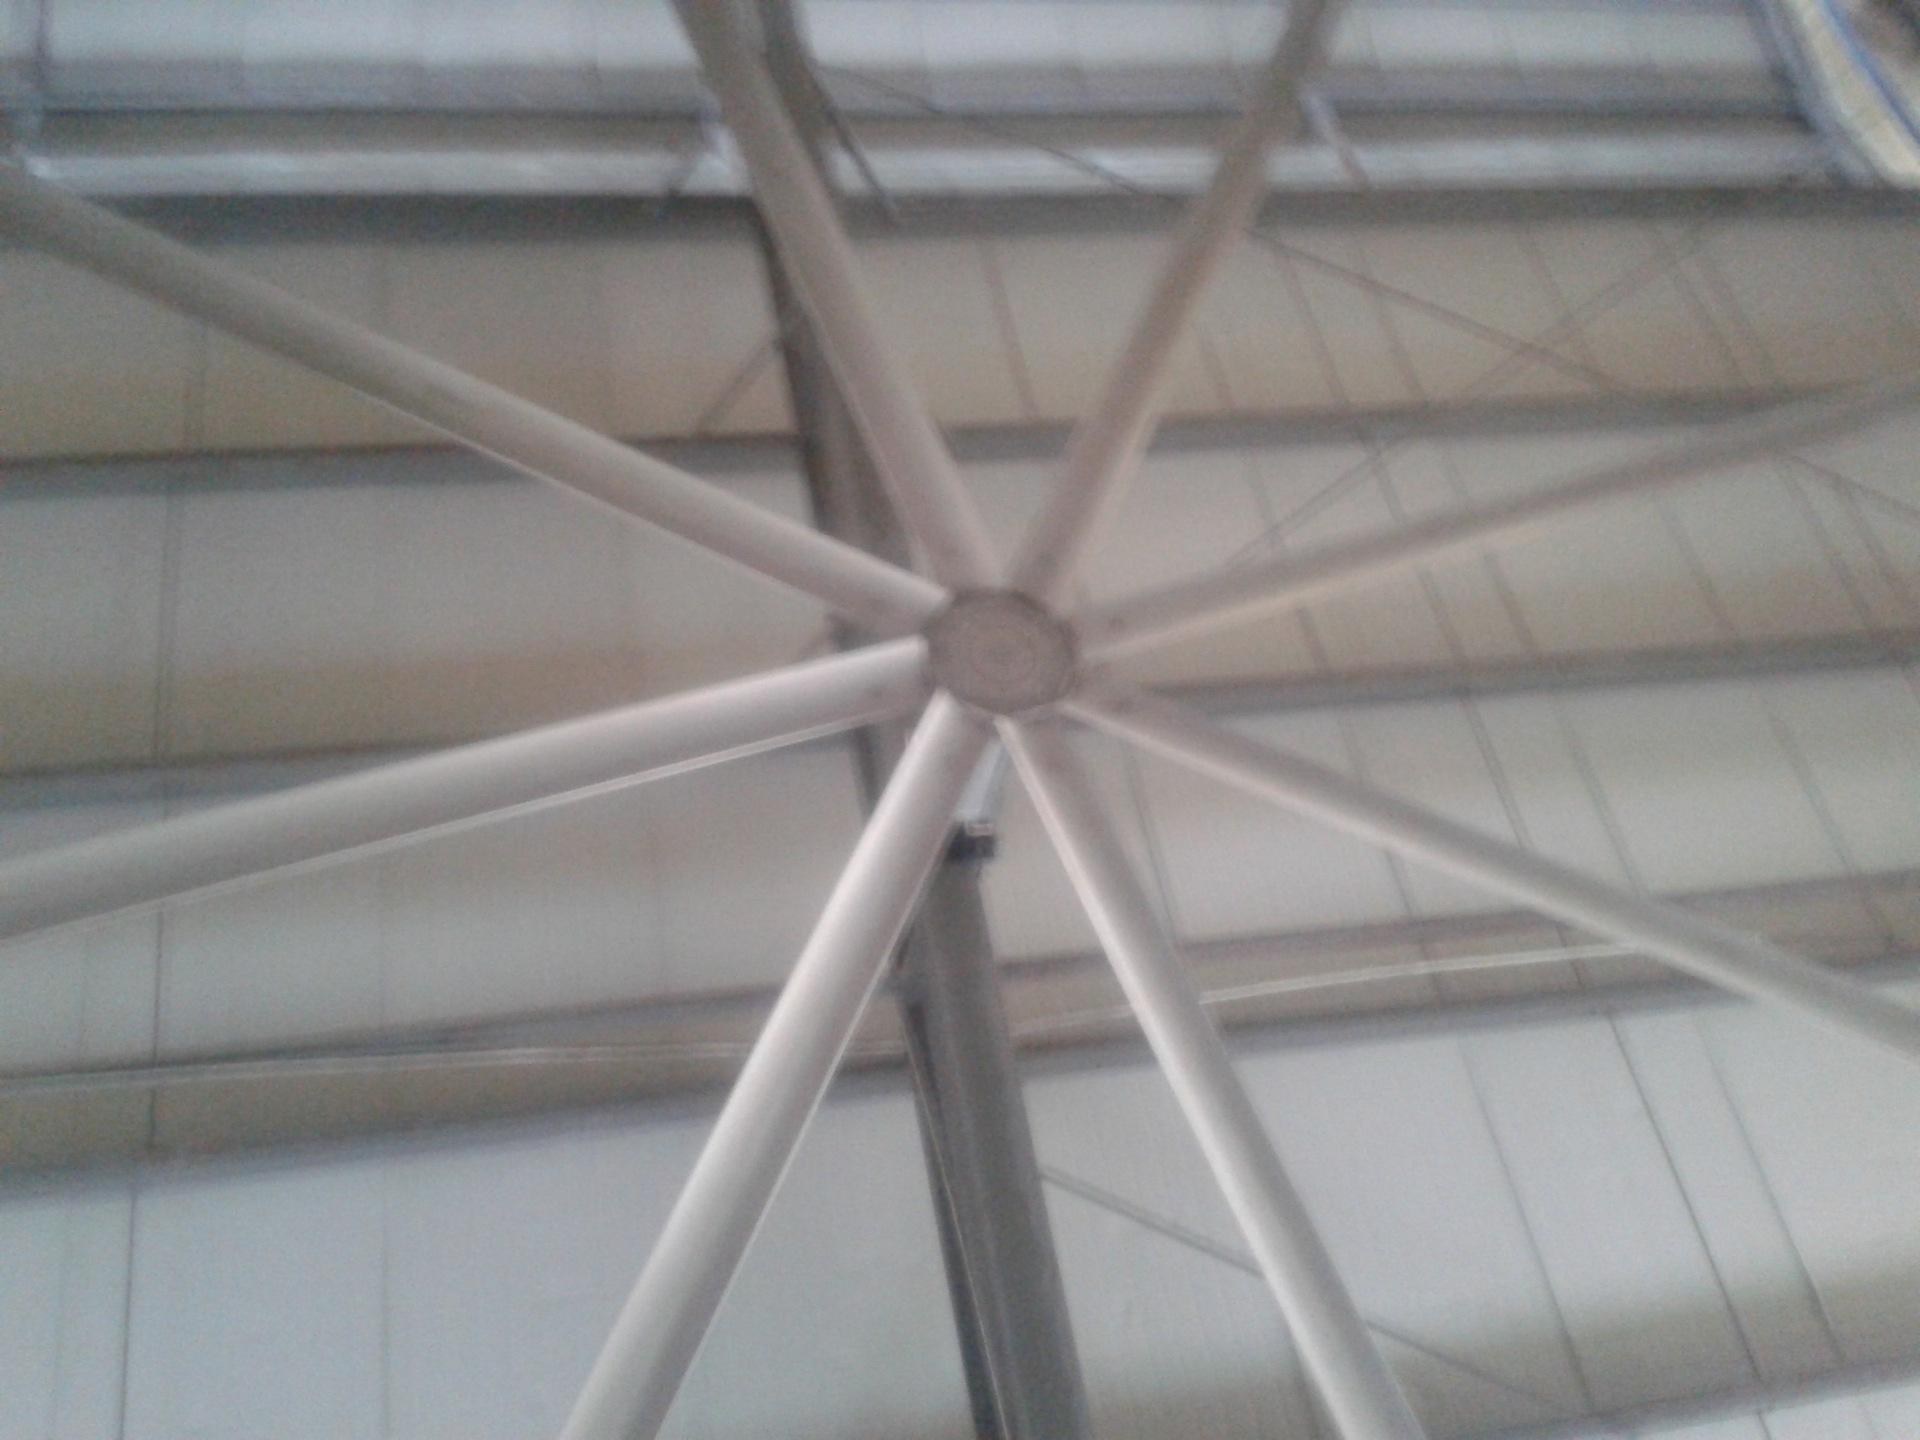 工业吊扇 工业大型吊扇 8叶7米2直径厂房通风工业大型吊扇 阿里巴巴